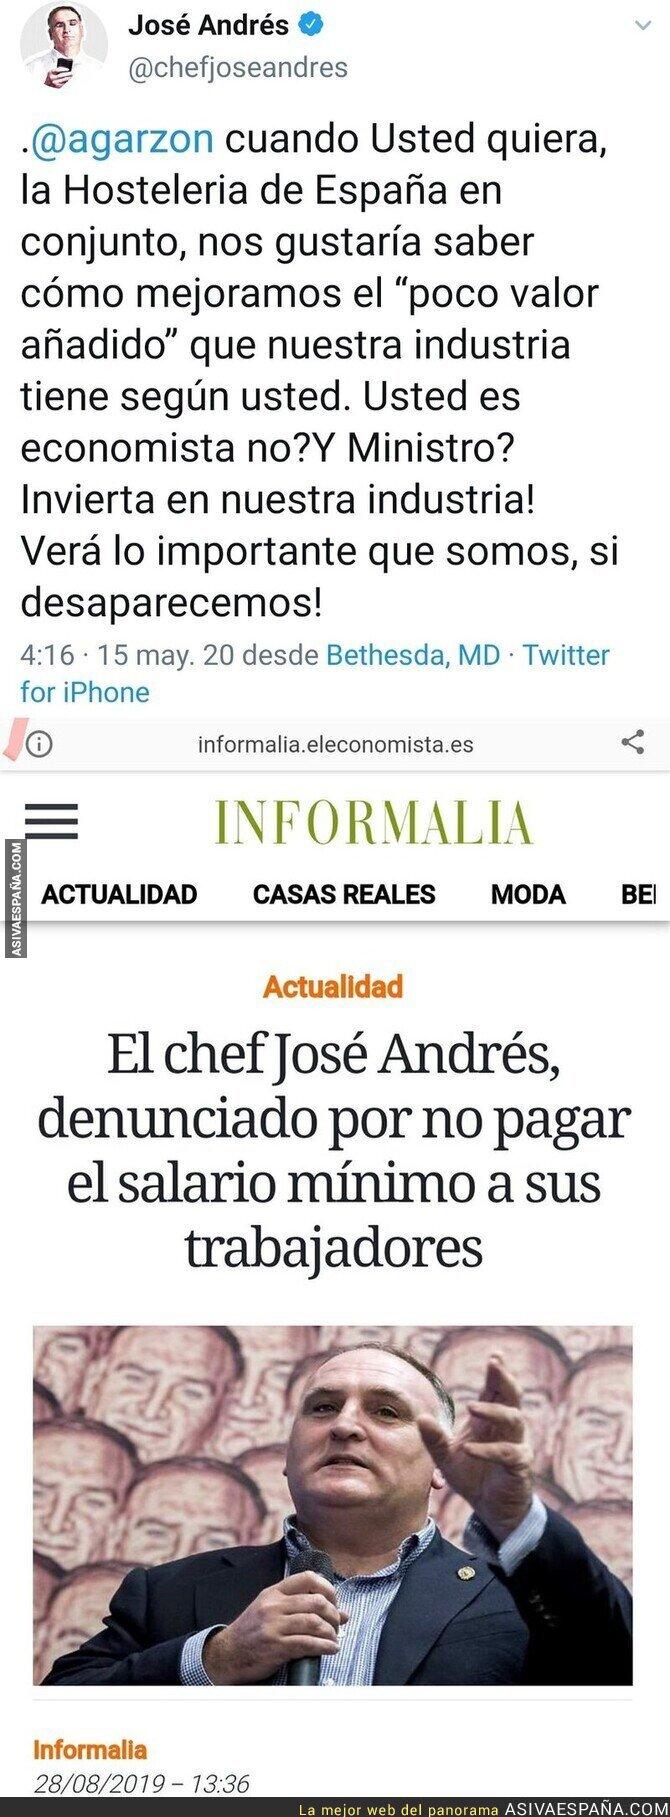 157815 - El chef José Andrés carga contra Alberto Garzón por su gestión en el Gobierno y le responden con una noticia que le deja retratado por completo